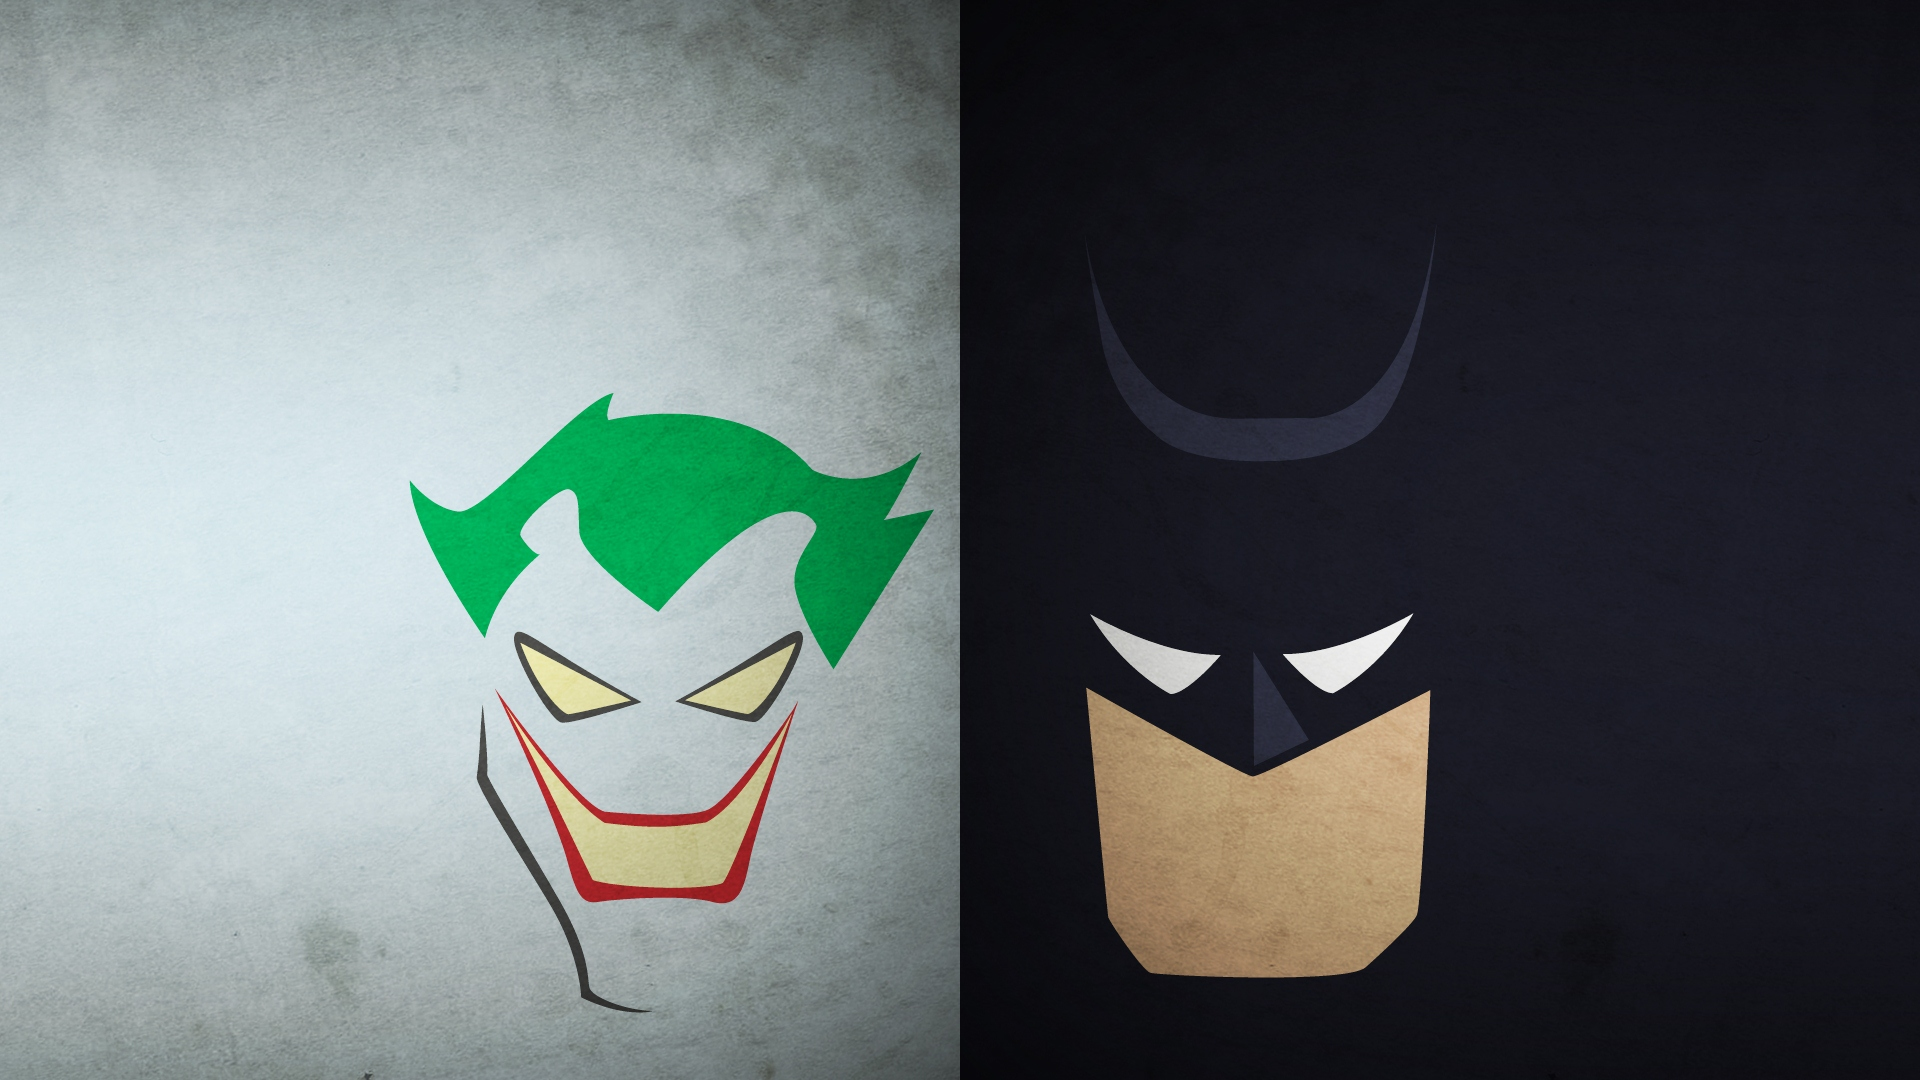 Joker Batman Art Wallpaper